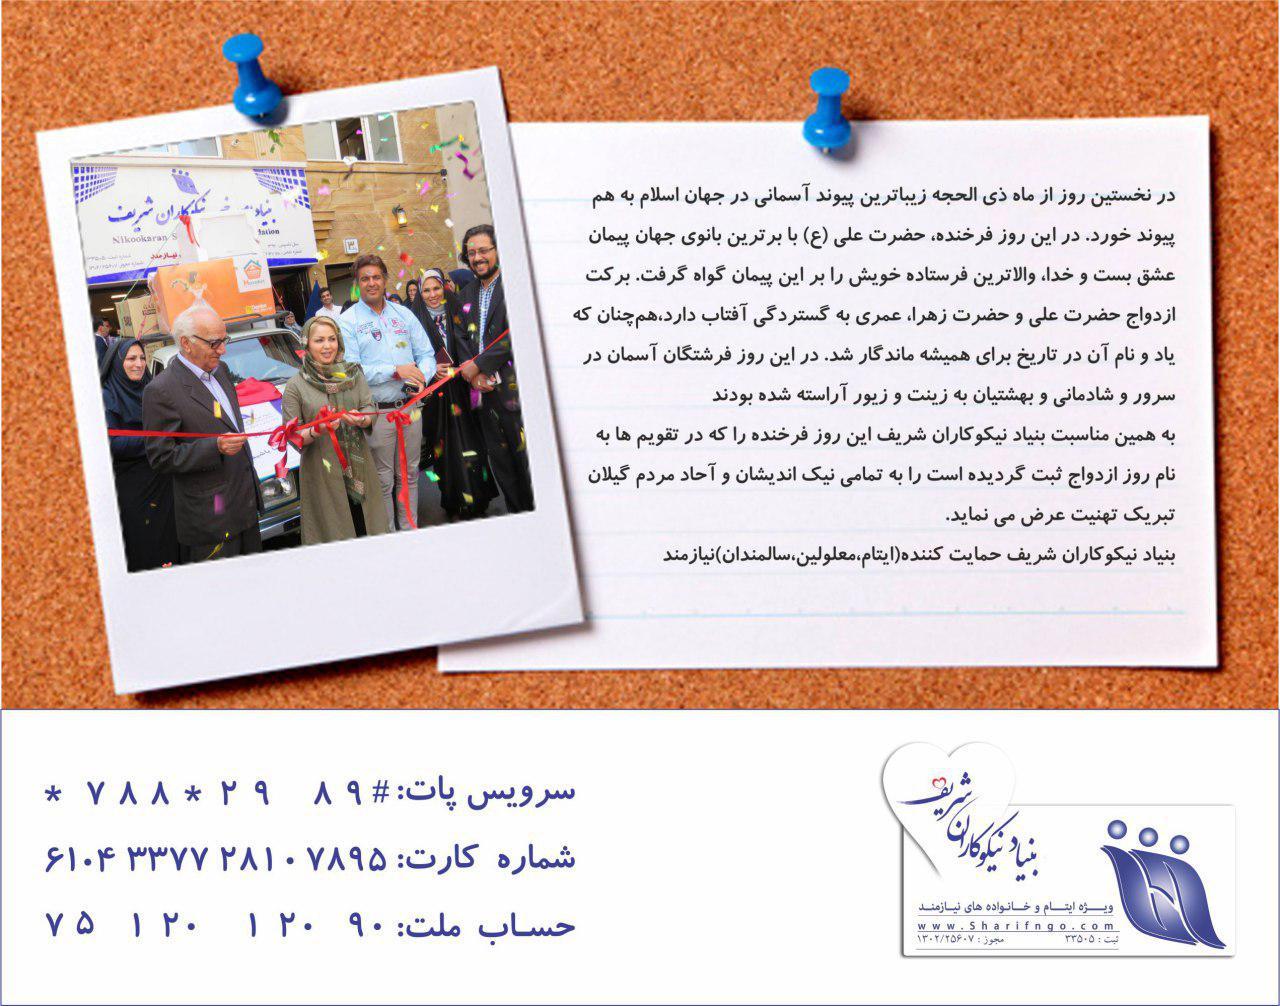 آیین اهدای جهیزیه بنیاد نیکوکاران شریف به ۵۰ زوج در آستانه ازدواج